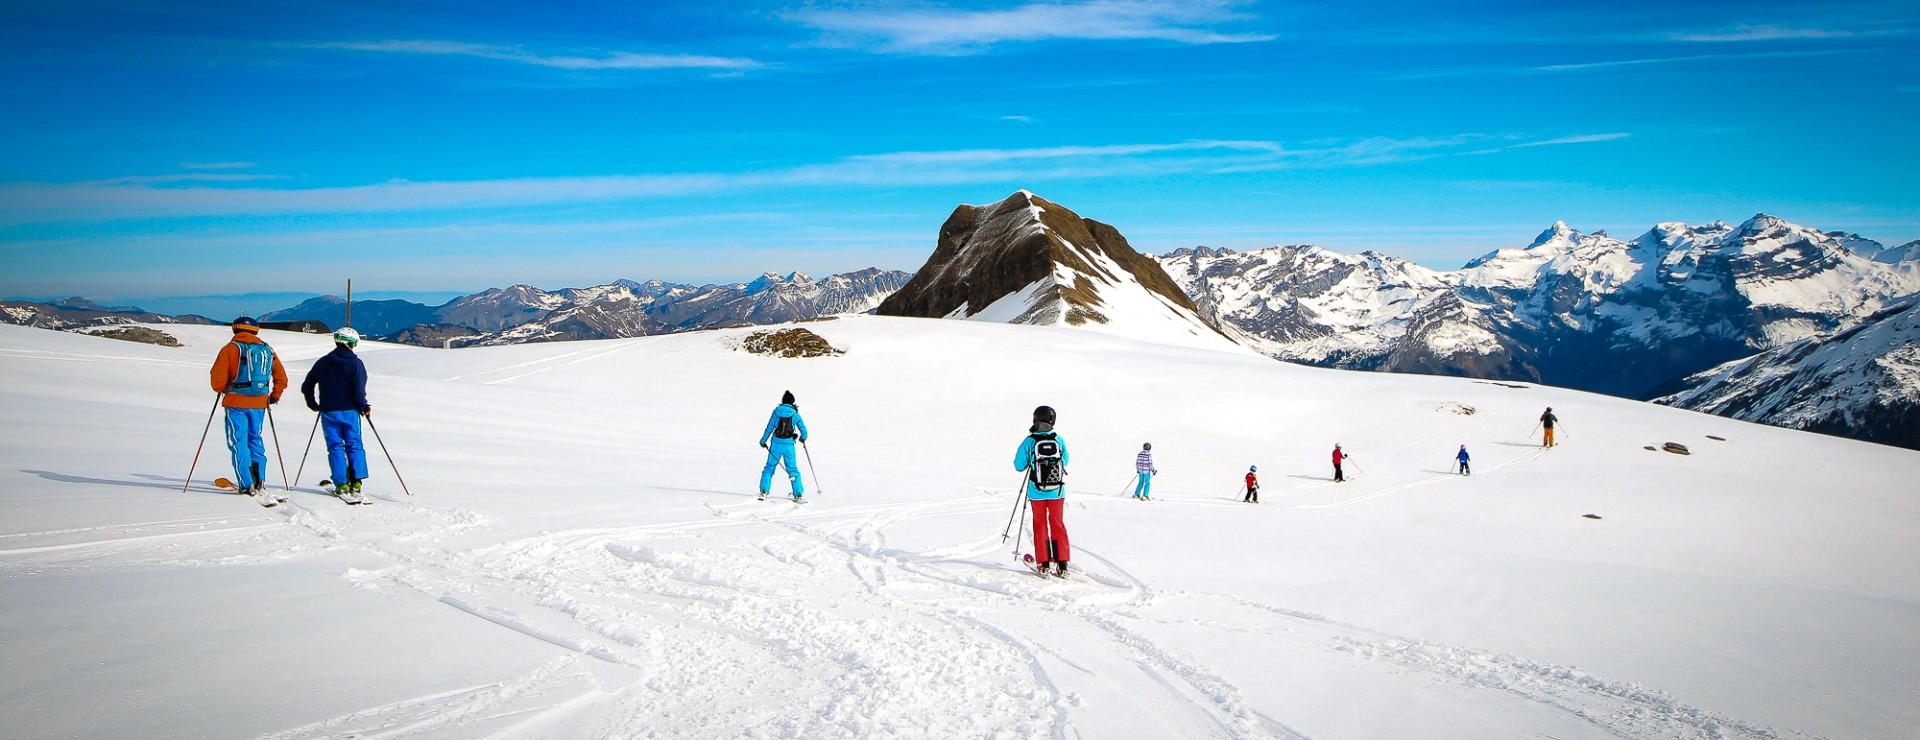 Ecole de ski Flaine